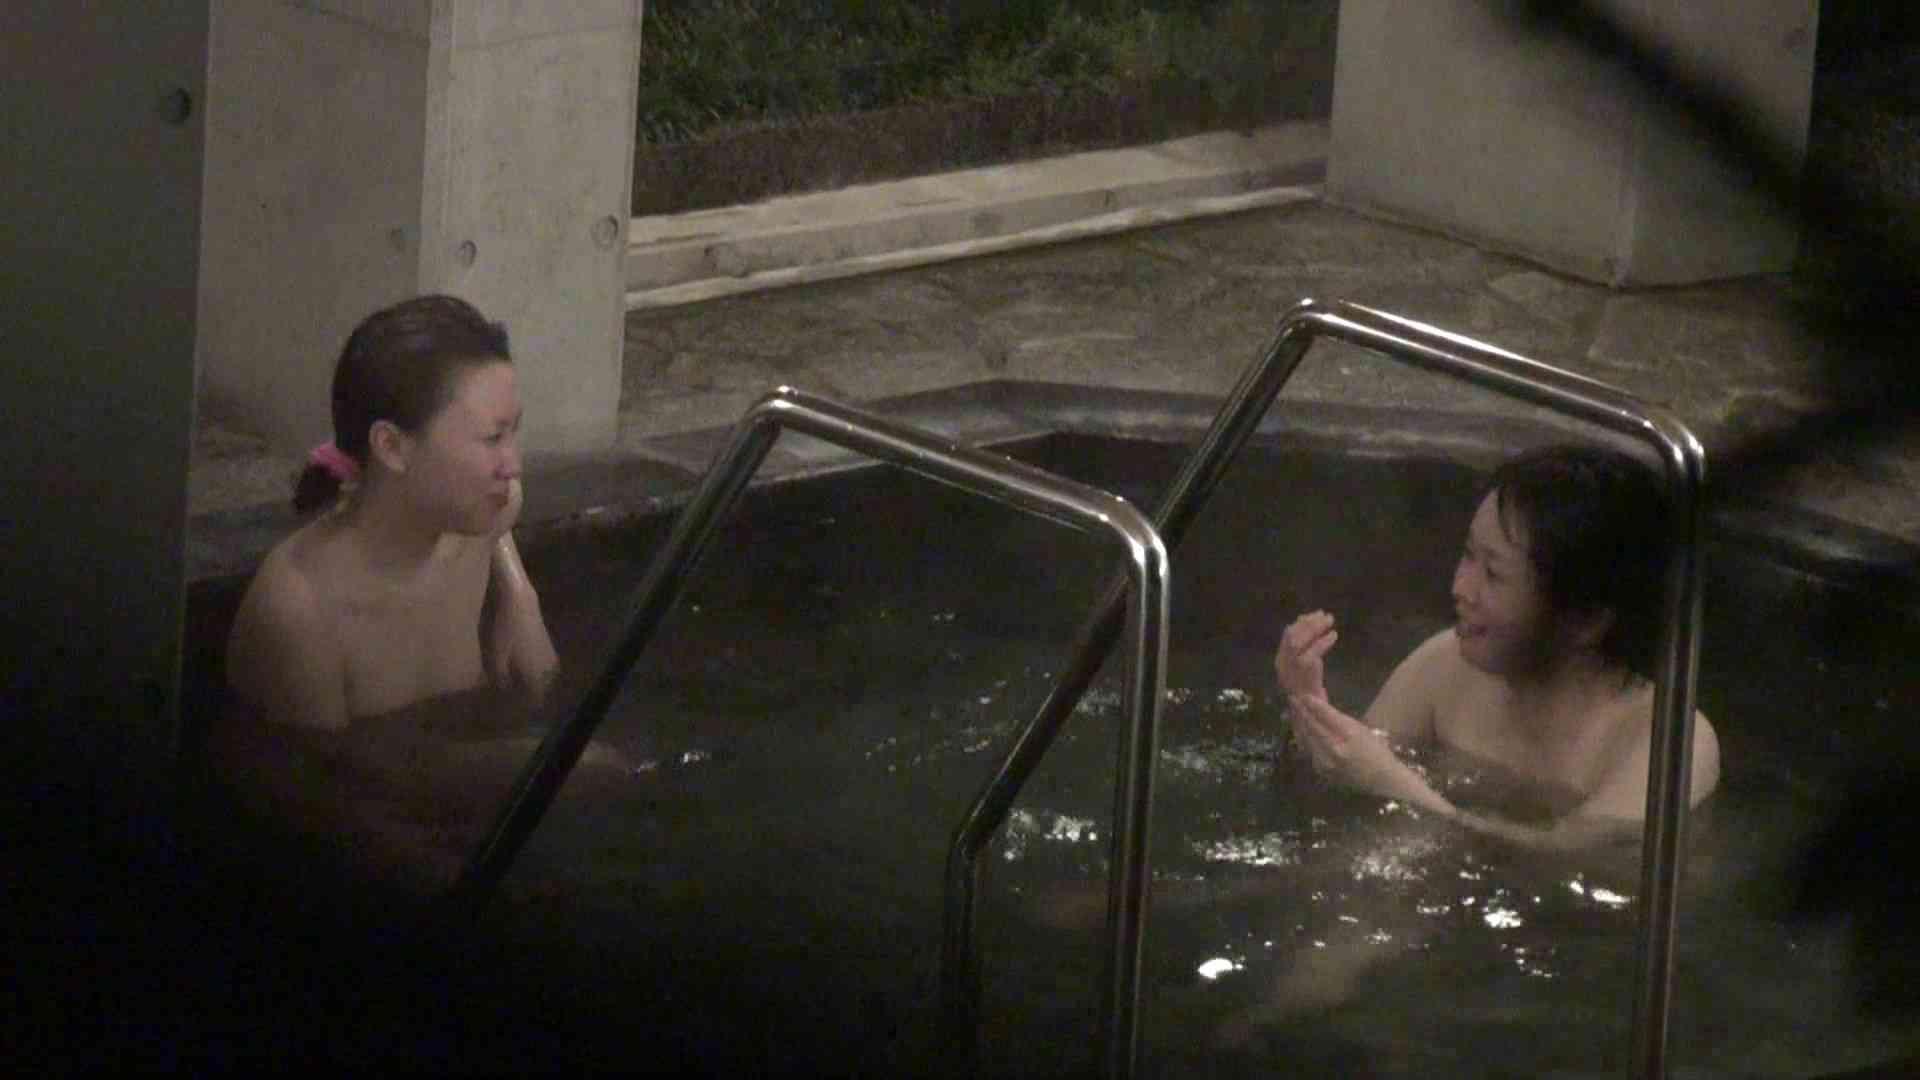 Aquaな露天風呂Vol.394 盗撮  99画像 57